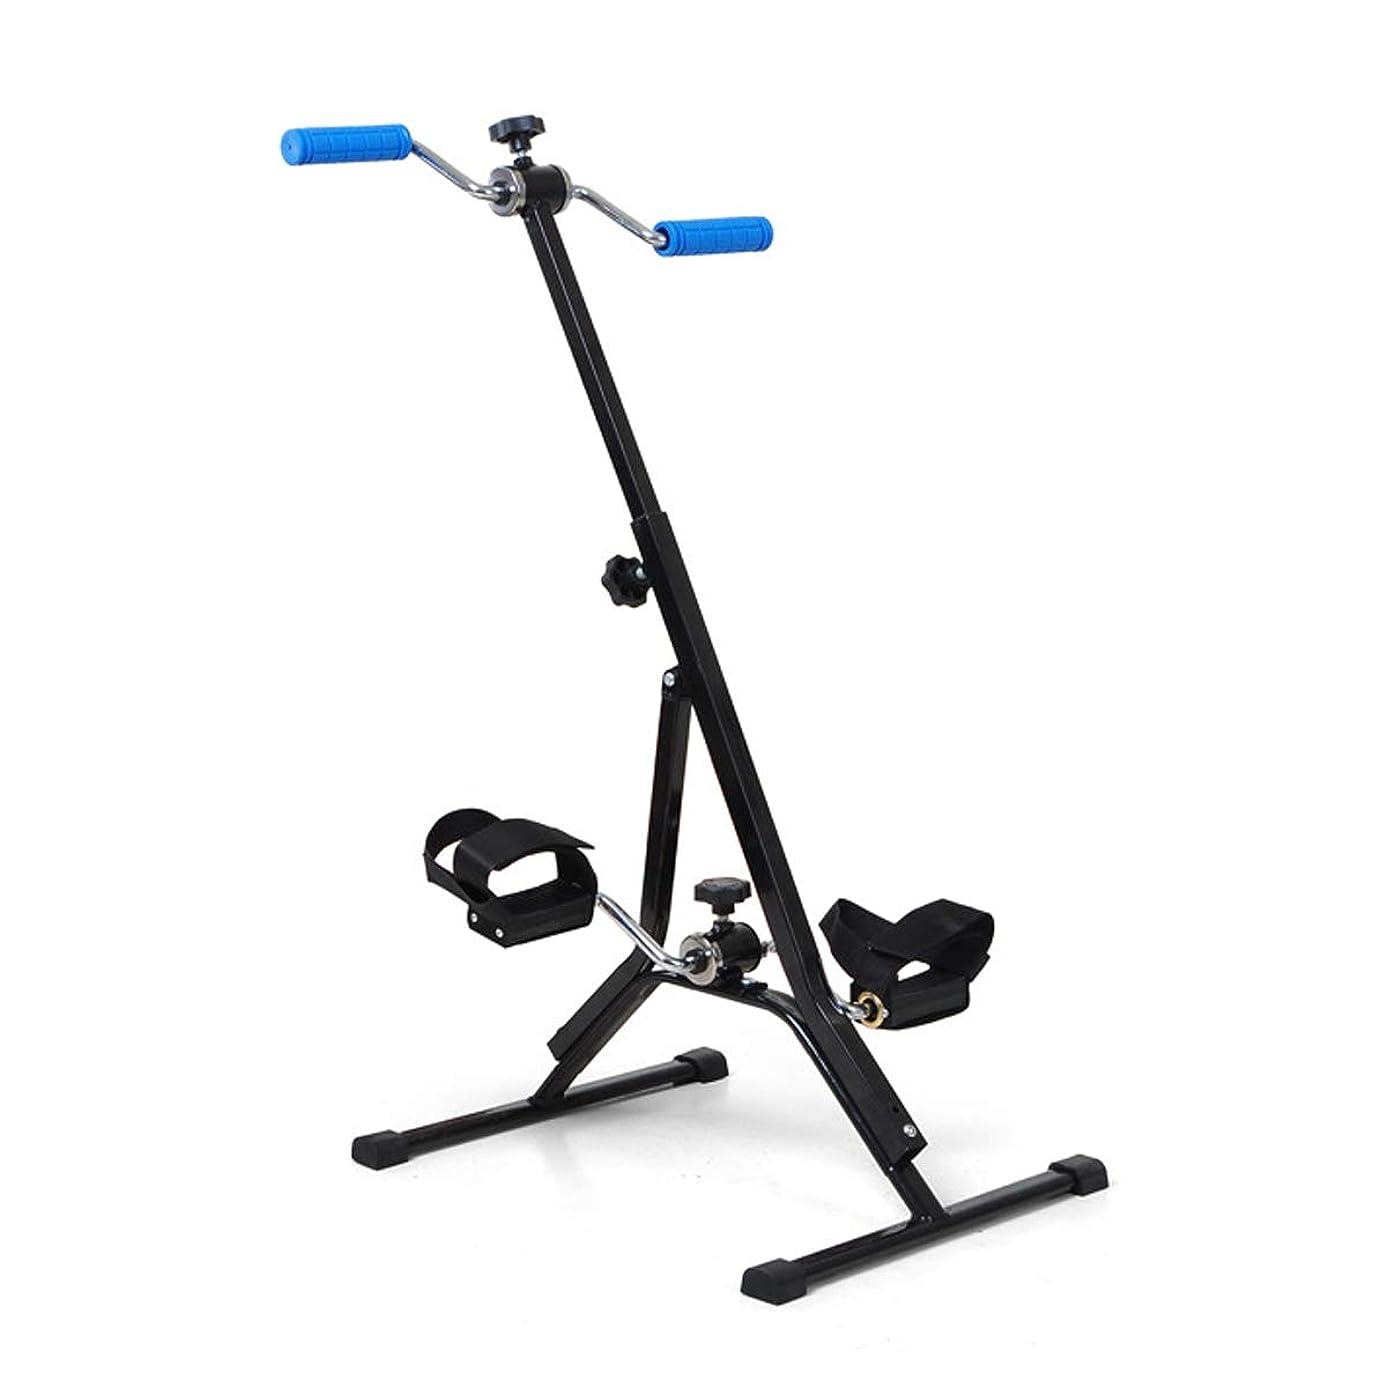 地区繁雑餌高齢者リハビリテーション訓練自転車、上肢および下肢のトレーニング機器、ホームレッグアームペダルエクササイザー、デスクサイクル運動トレッドミル,A